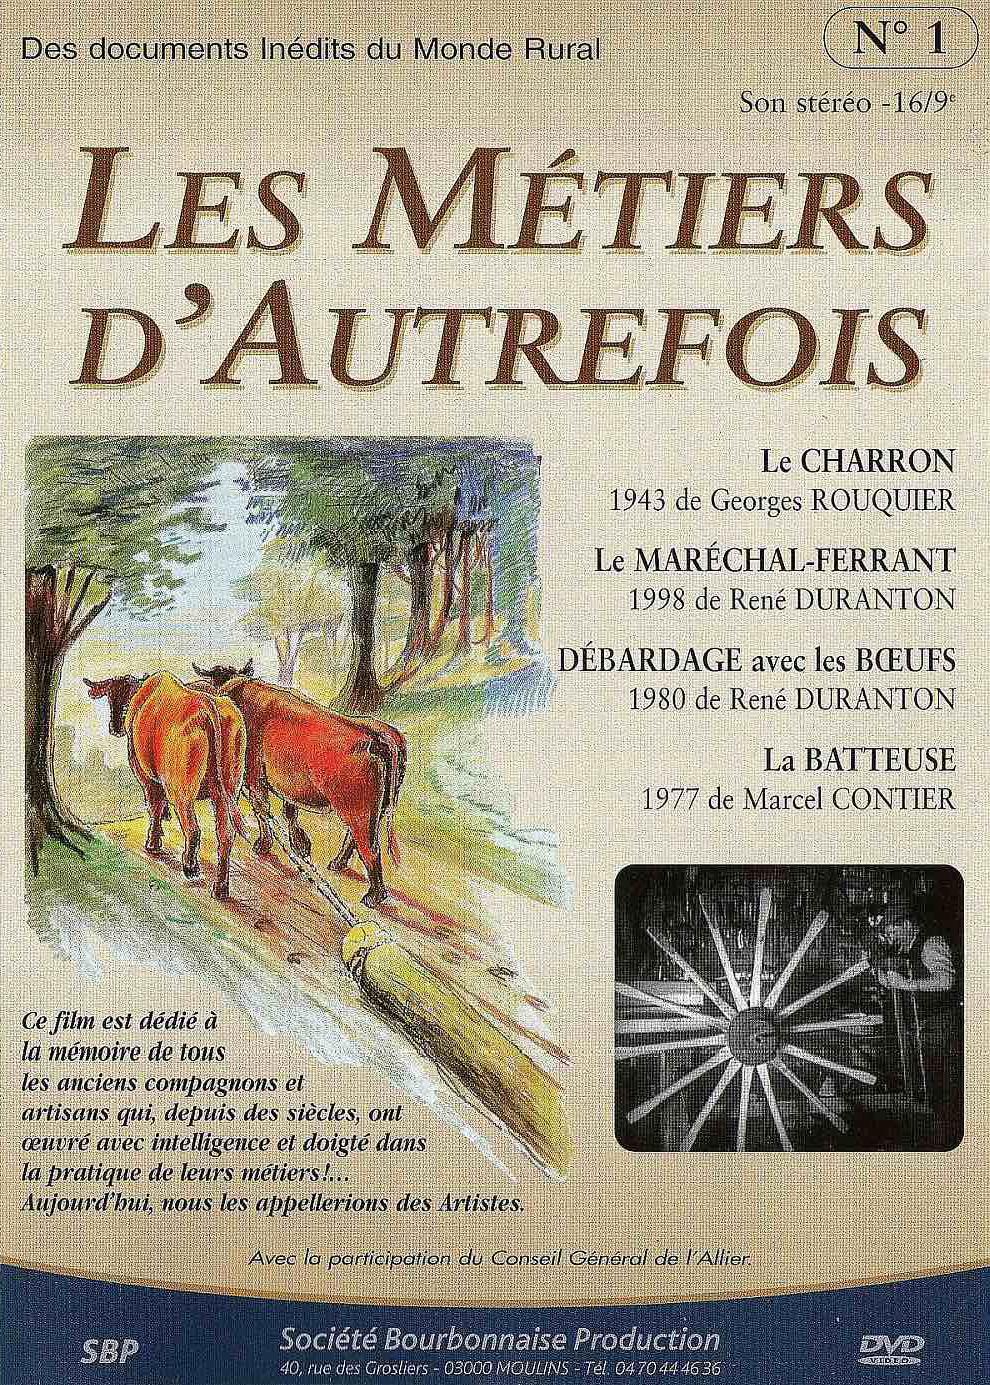 Les Métiers d'autrefois . DVD / René Duranton, Georges Rouquier, Marcel Contier, réal.   